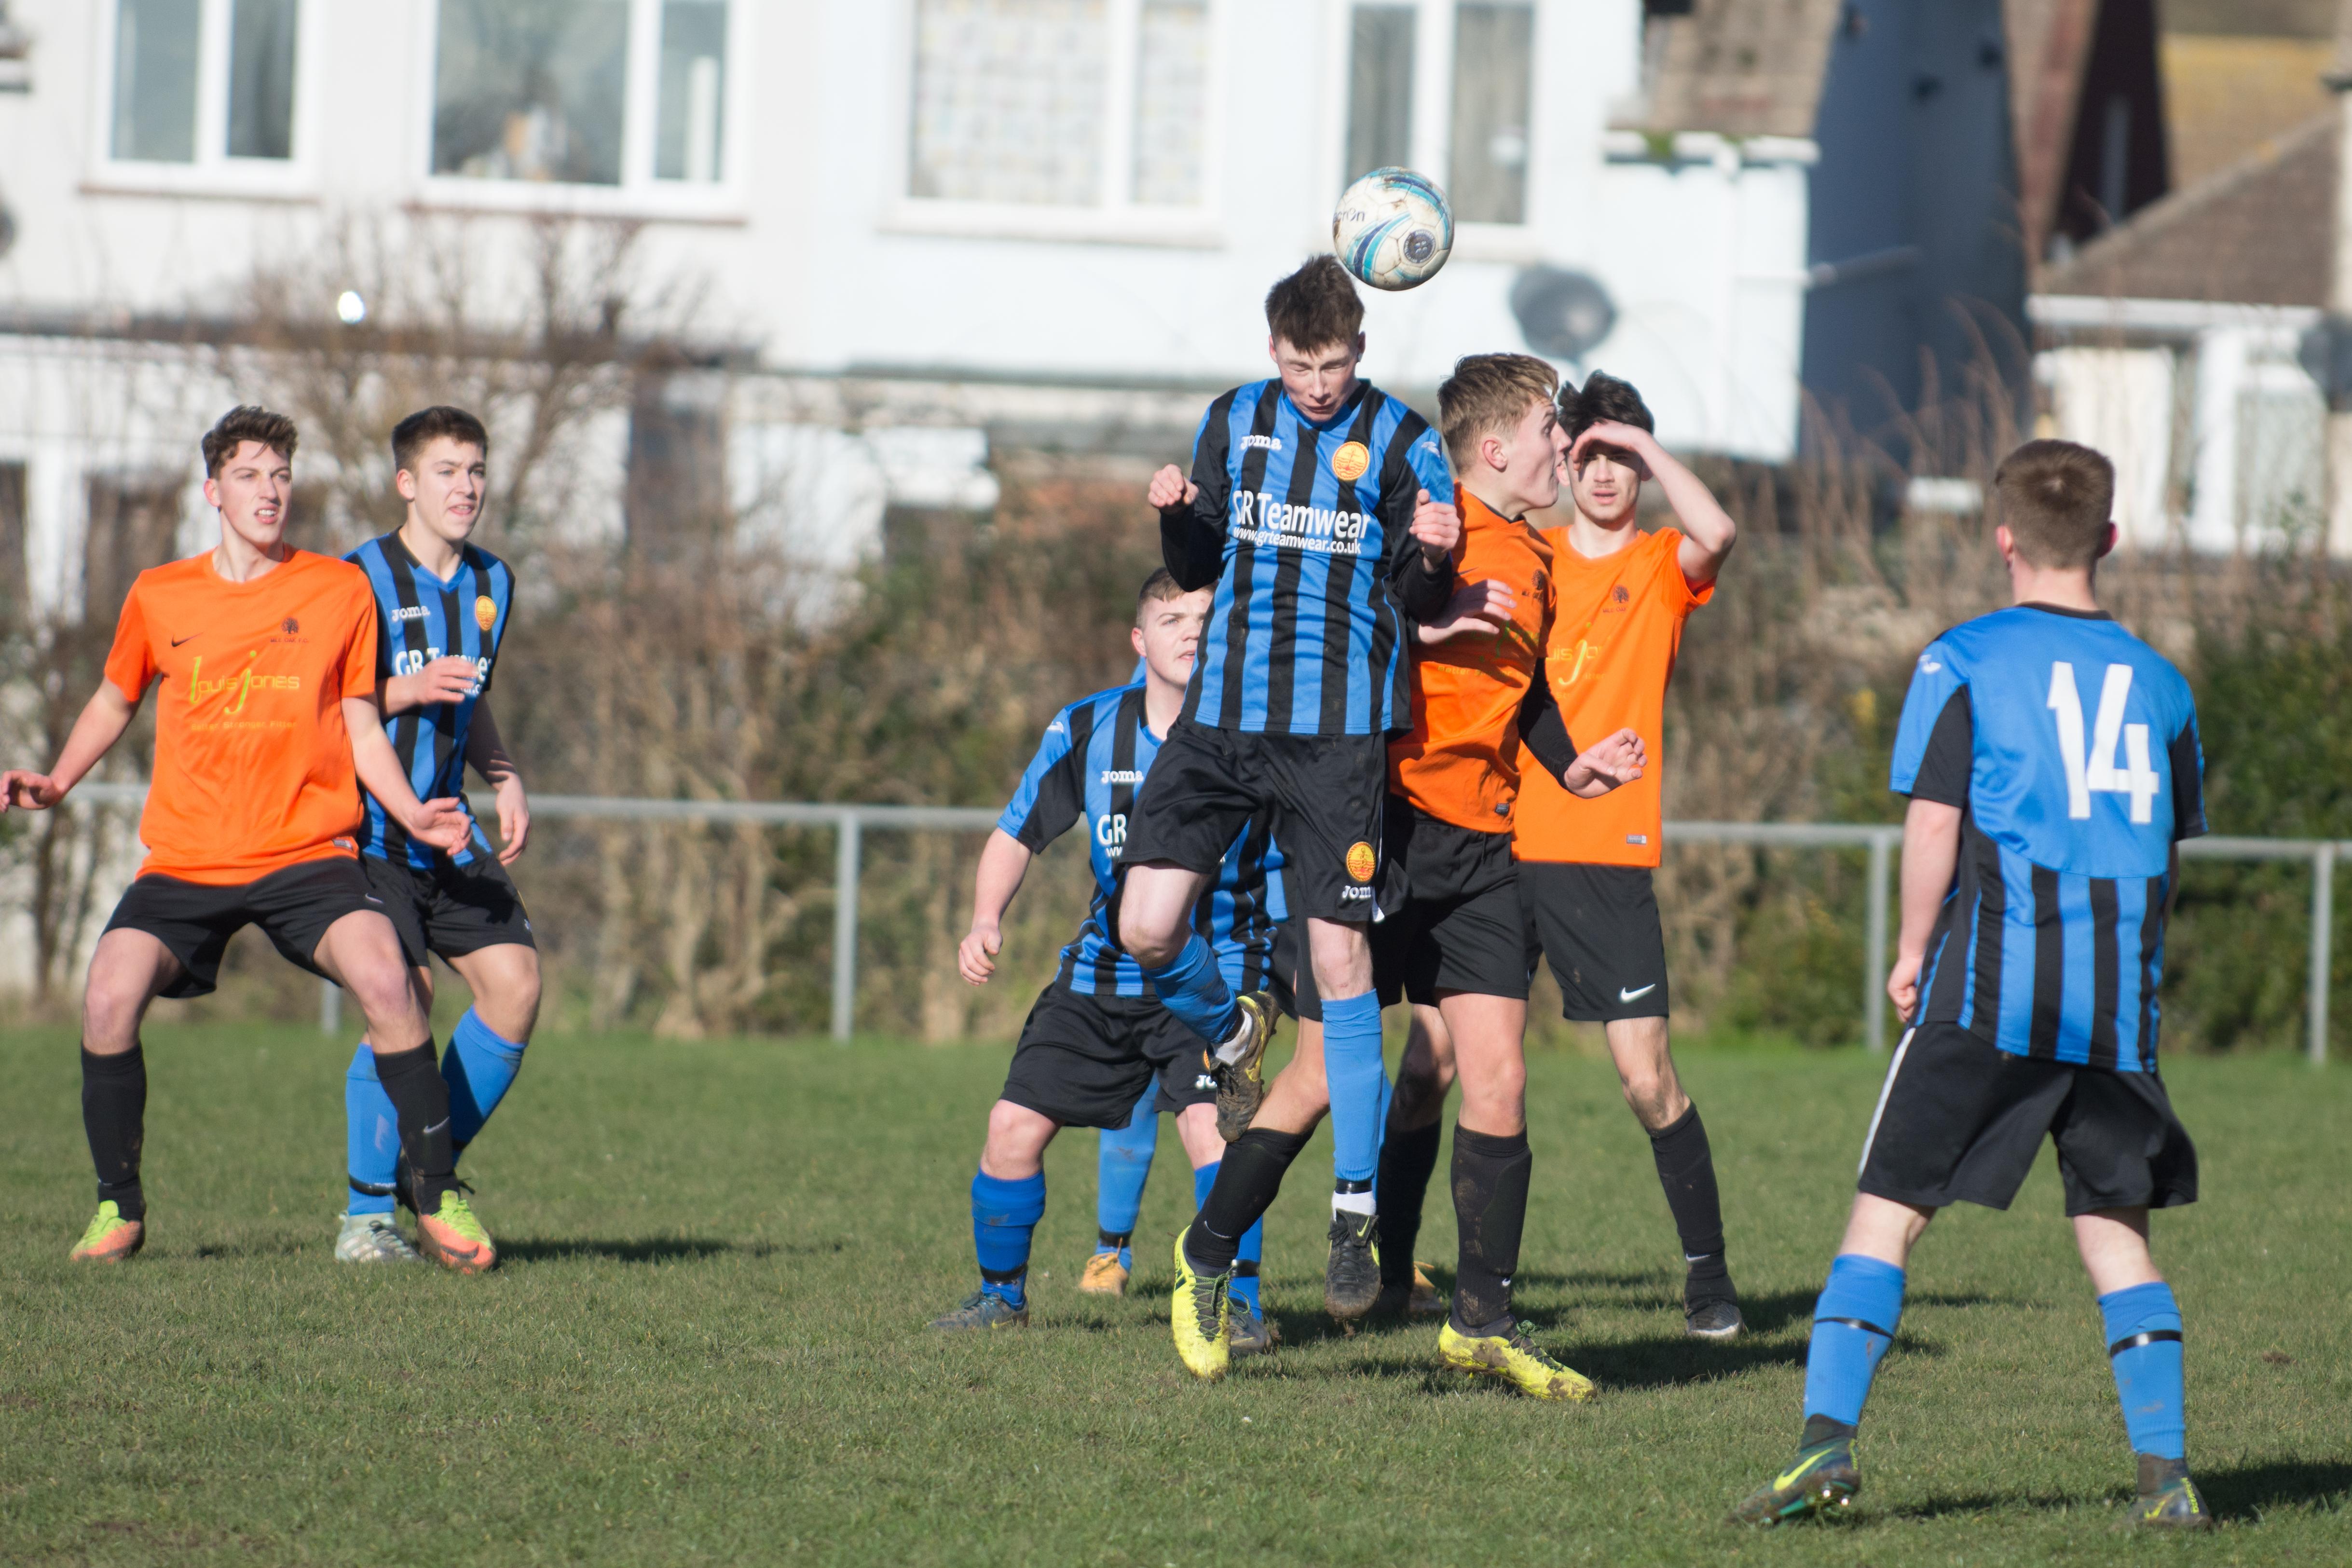 Mile Oak FC U18s vs Newhaven FC U18s 04.02.18 15